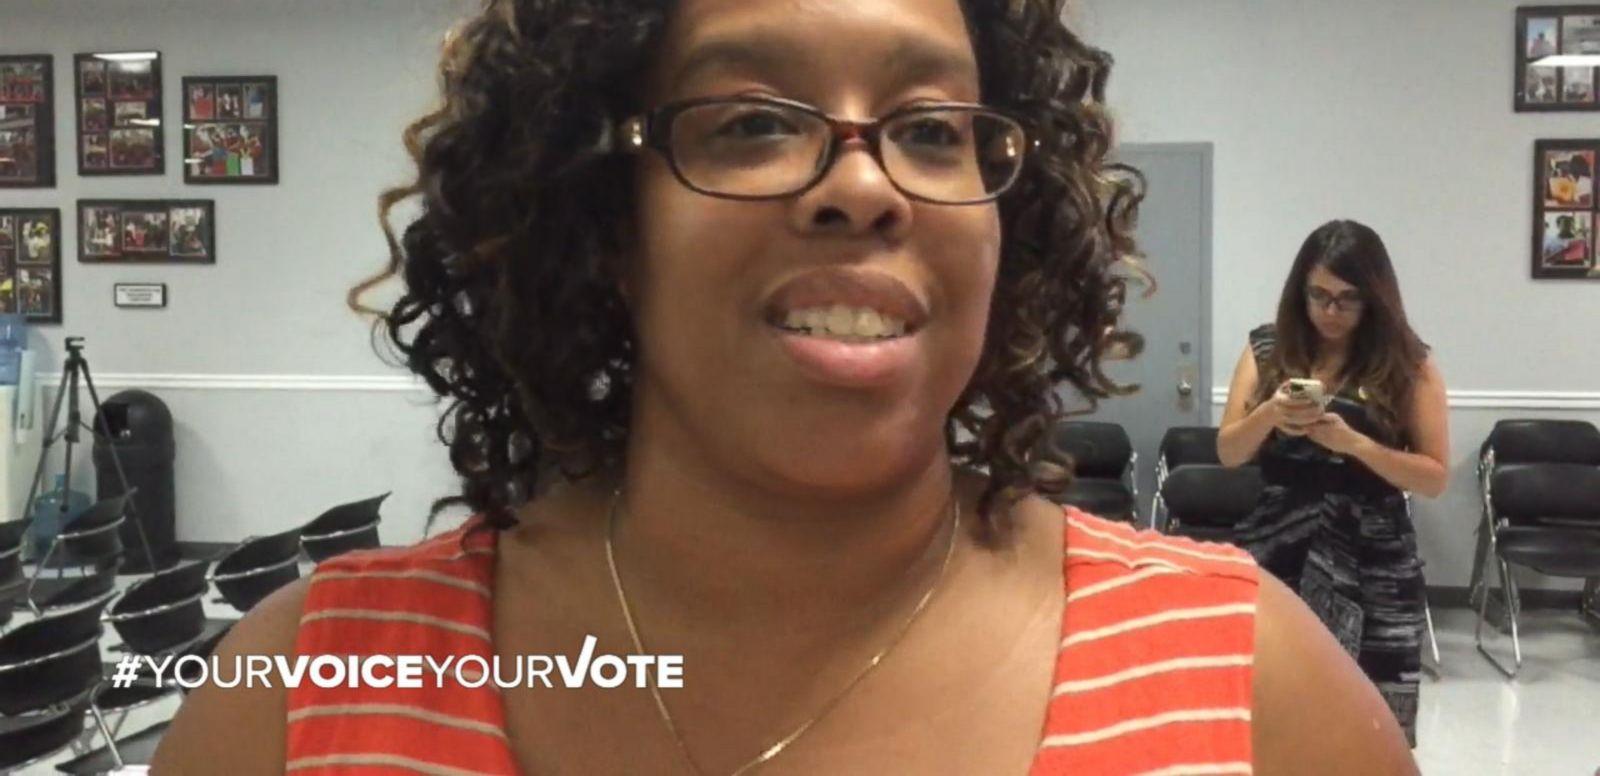 VIDEO: Debate Viewers Weigh In